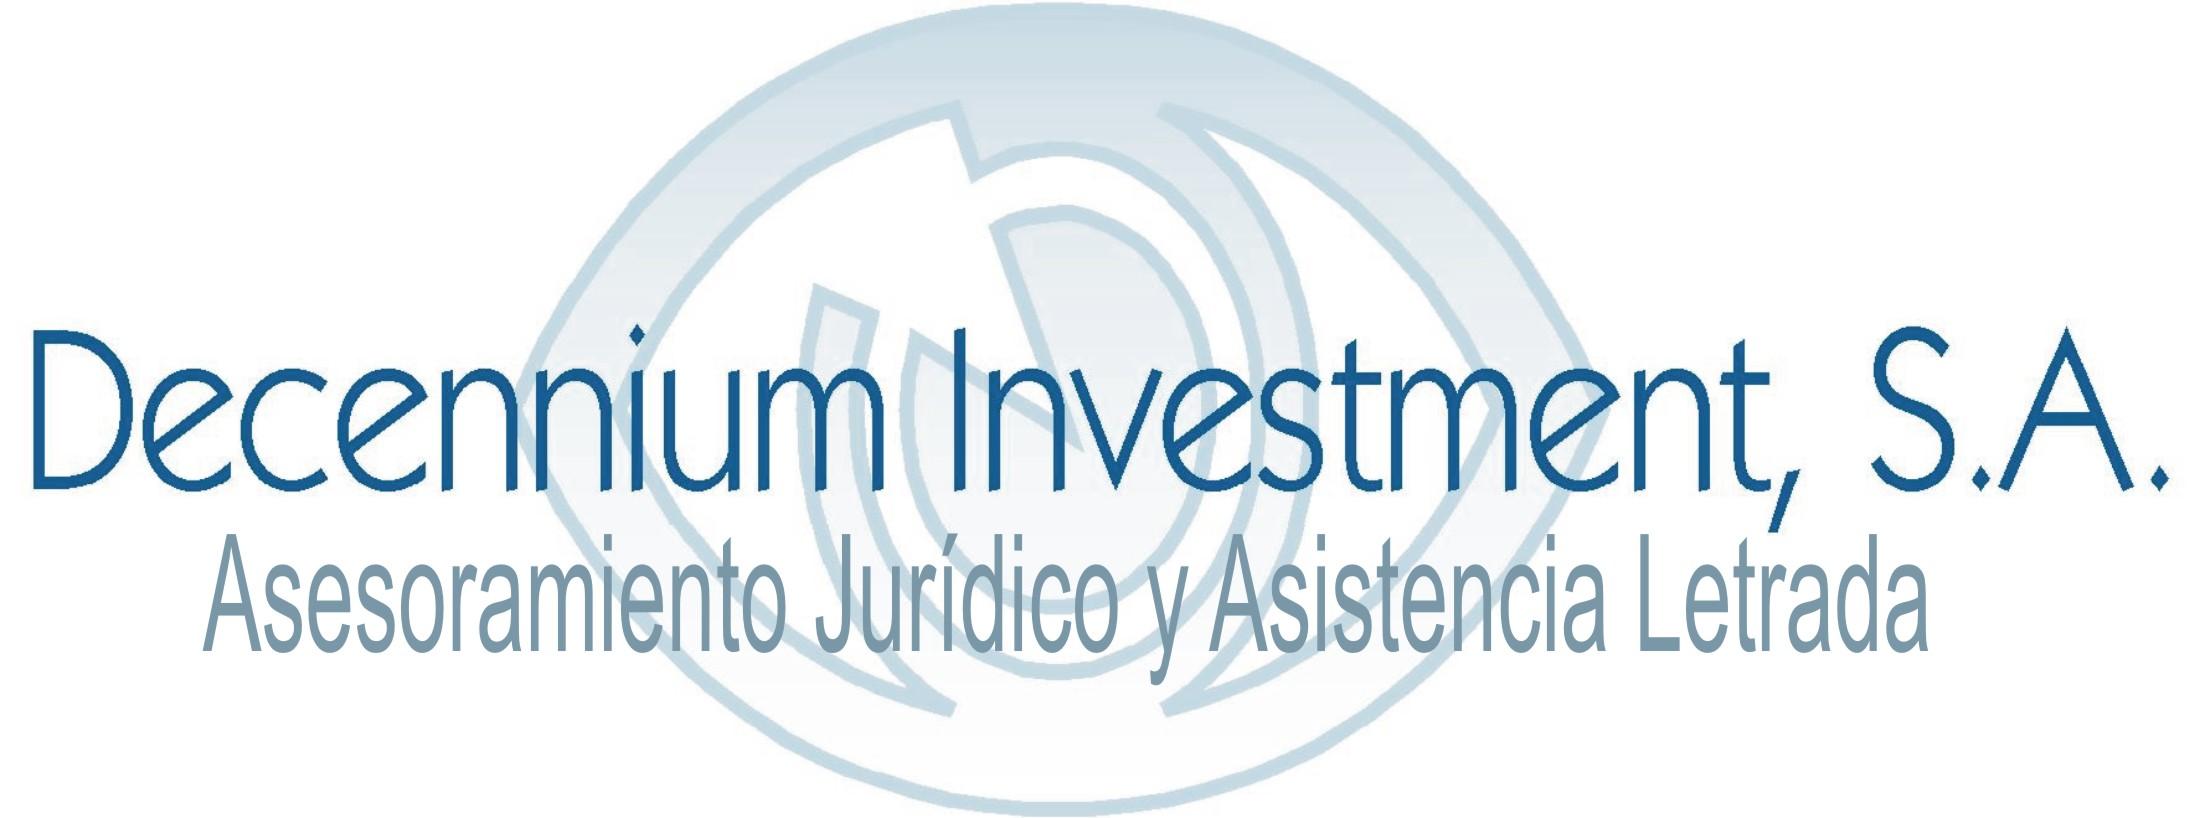 Decennium Investment - Asesoría Jurídica y asistencia letrada